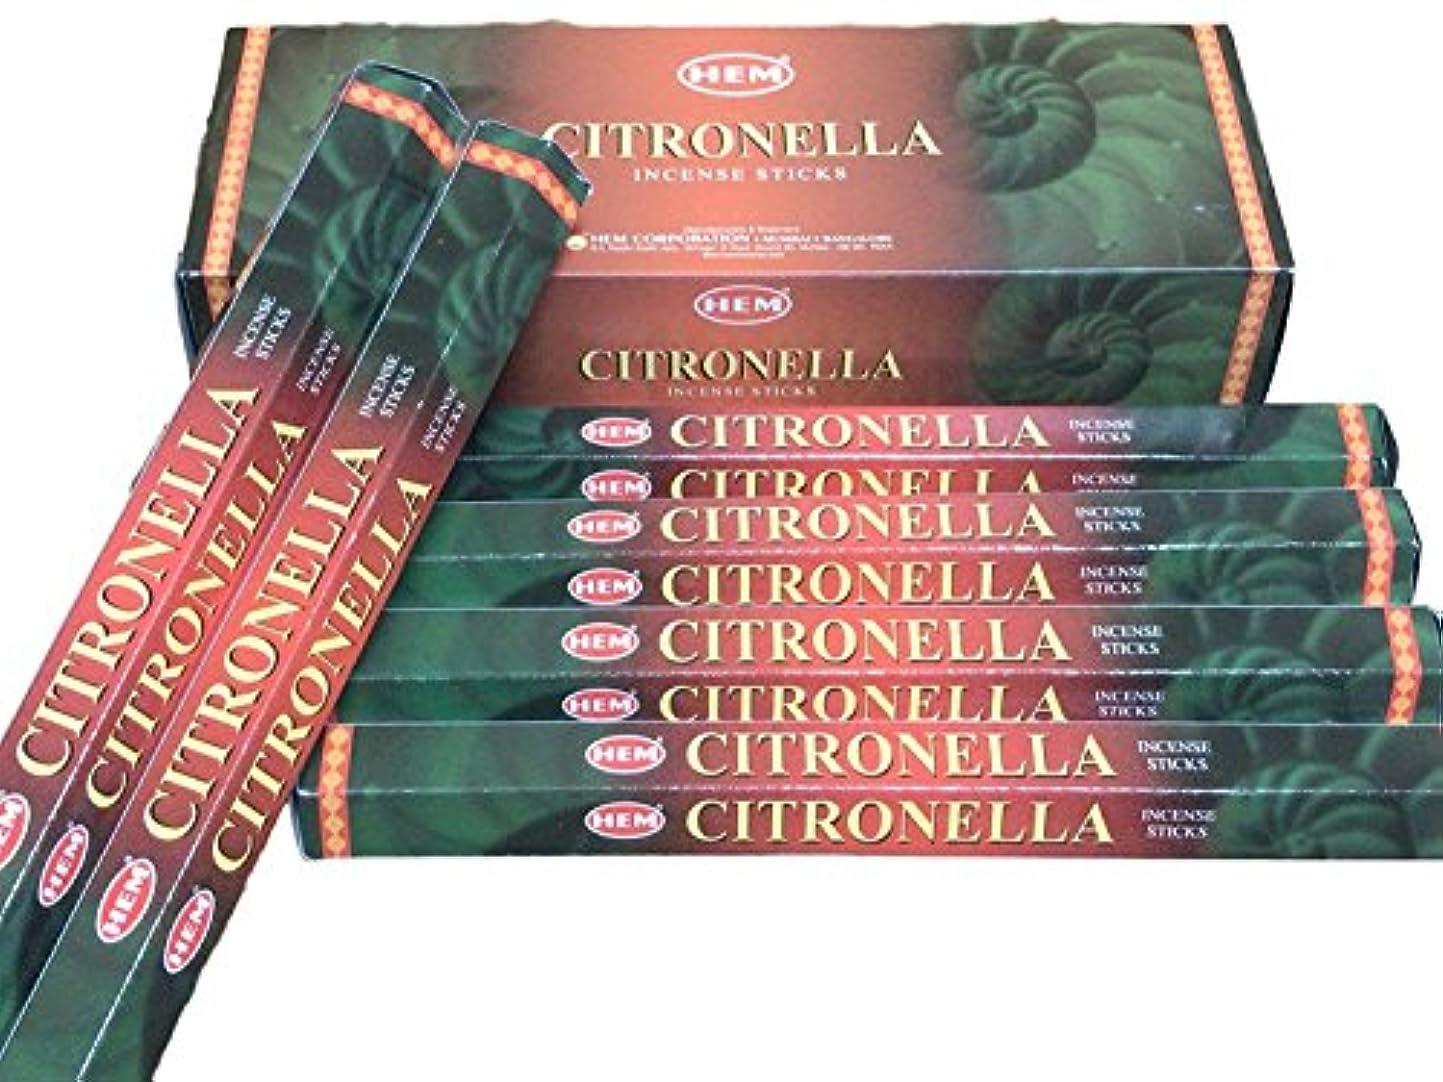 ストレッチ警告する心理学HEM ヘム シトロネラ CITRONELLA ステック お香 6本 セット